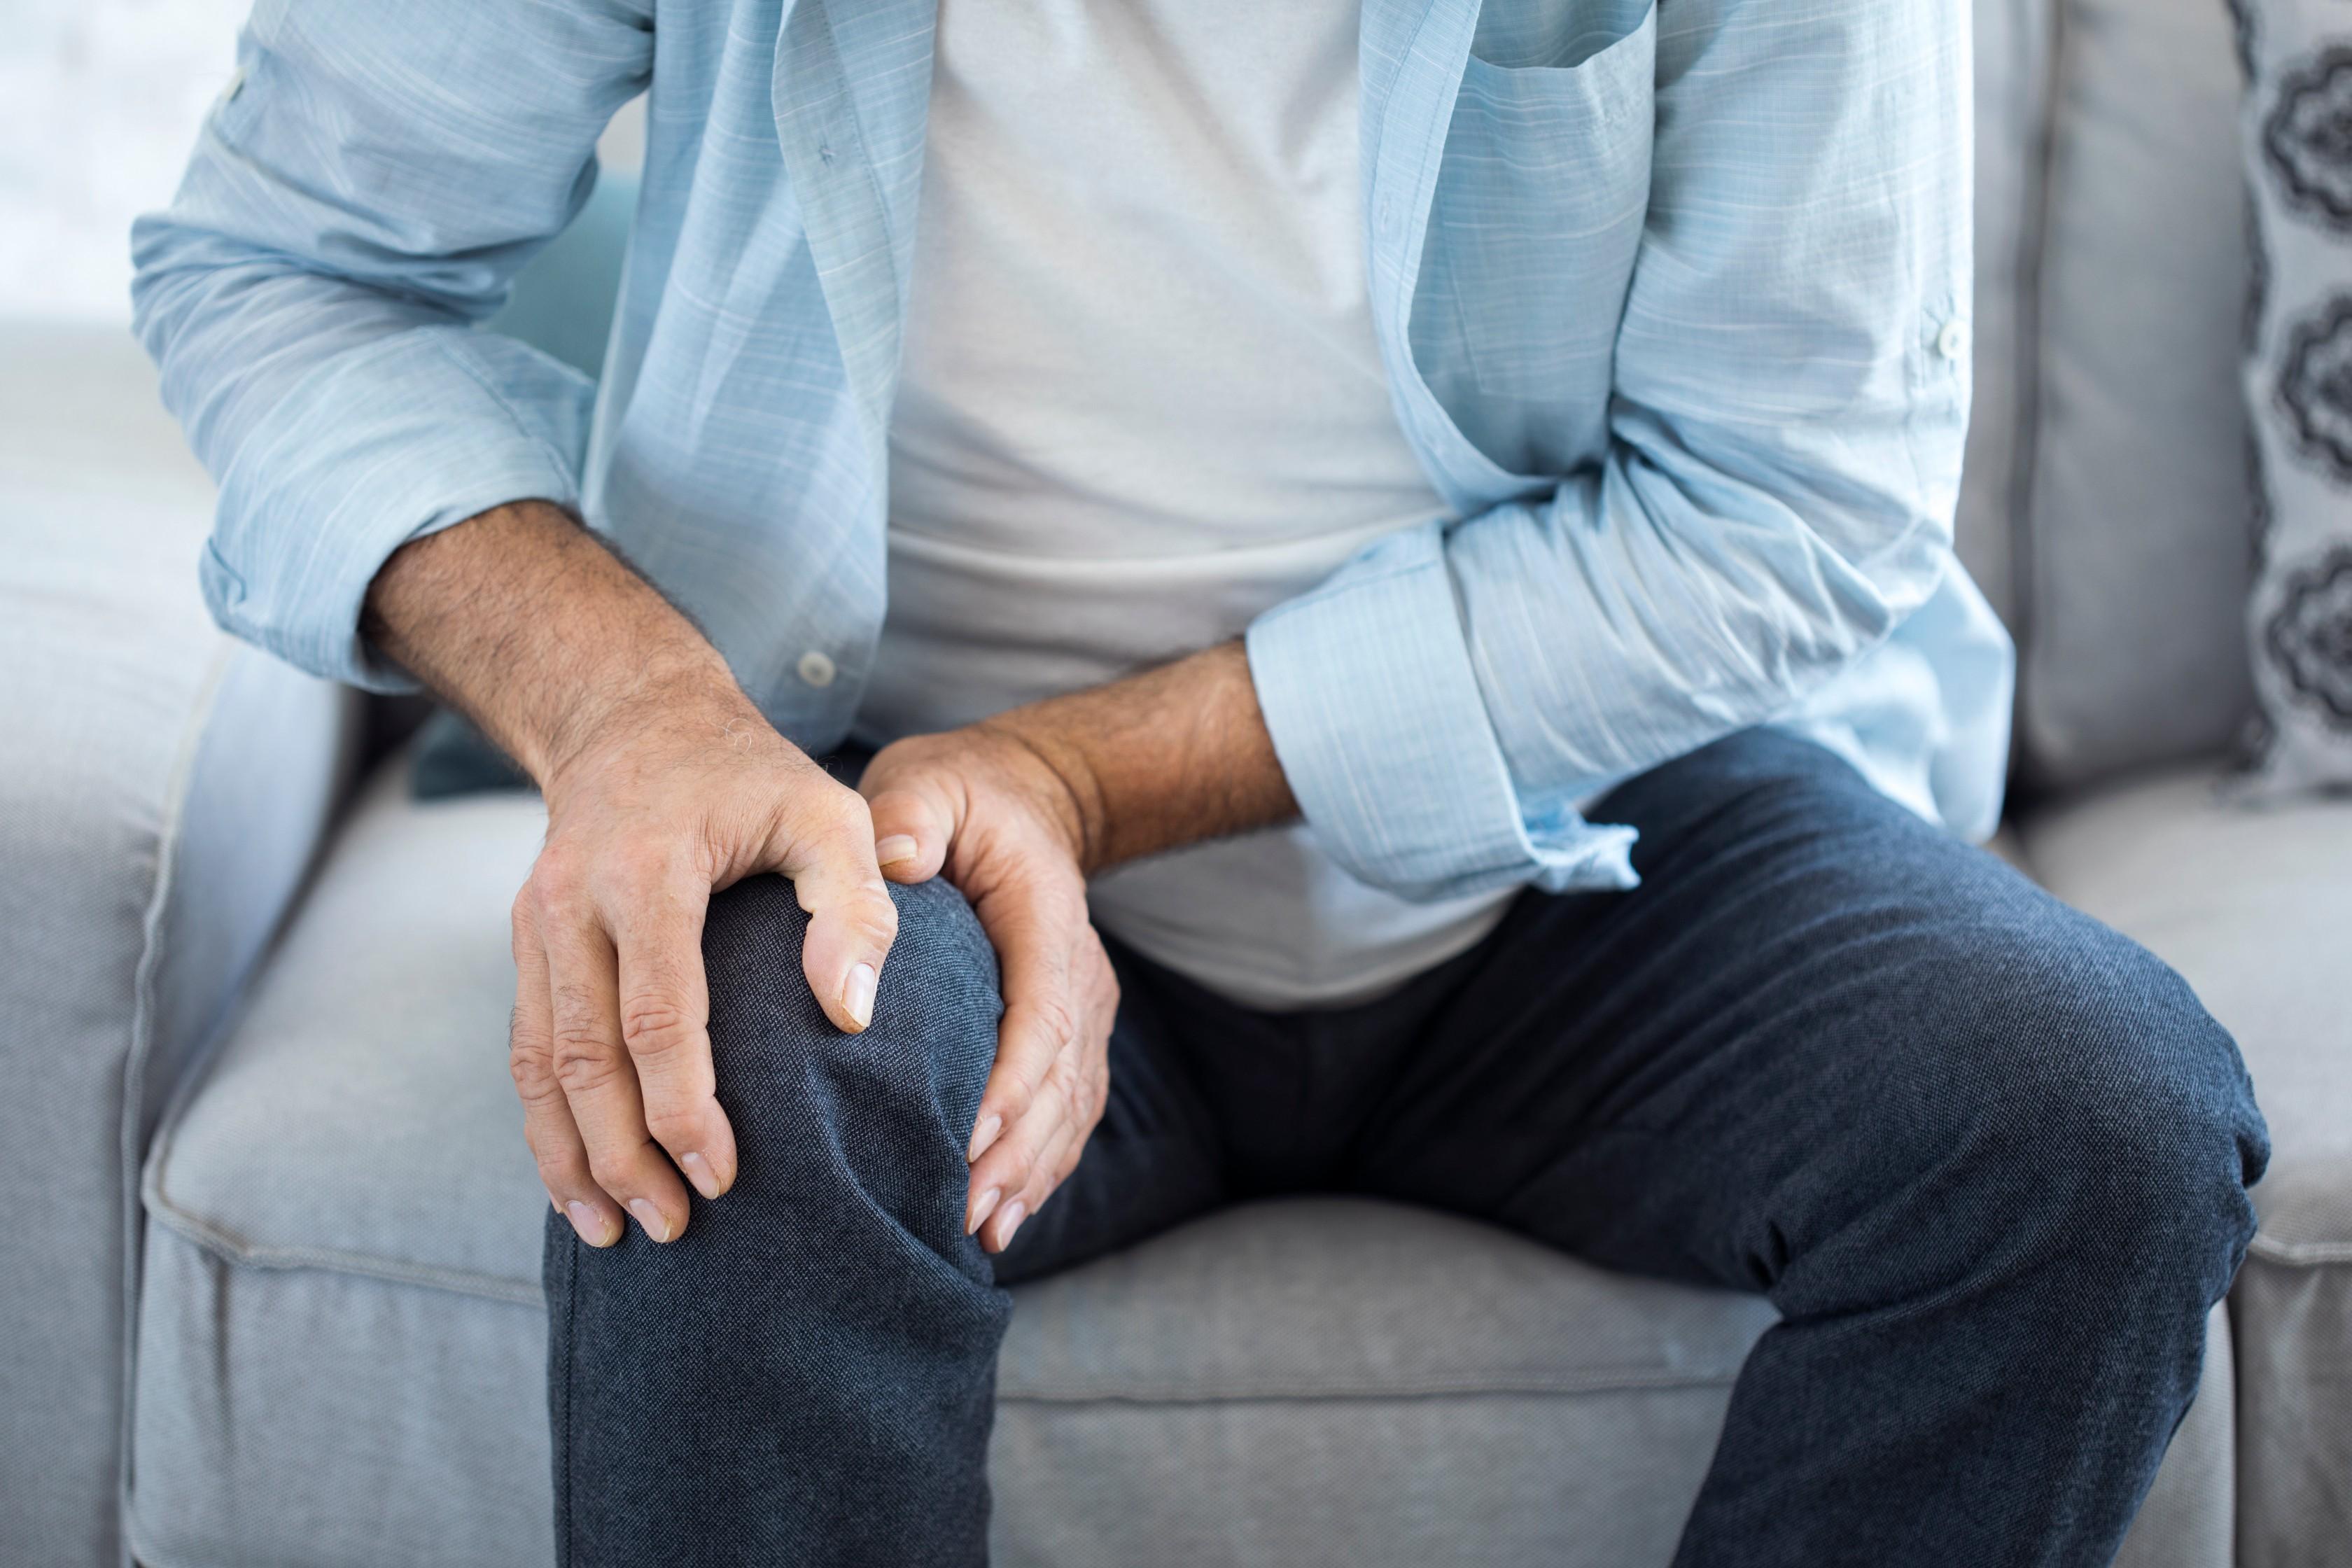 Térdkalács (patella) körüli fájdalom | gamesday.hu – Egészségoldal | gamesday.hu